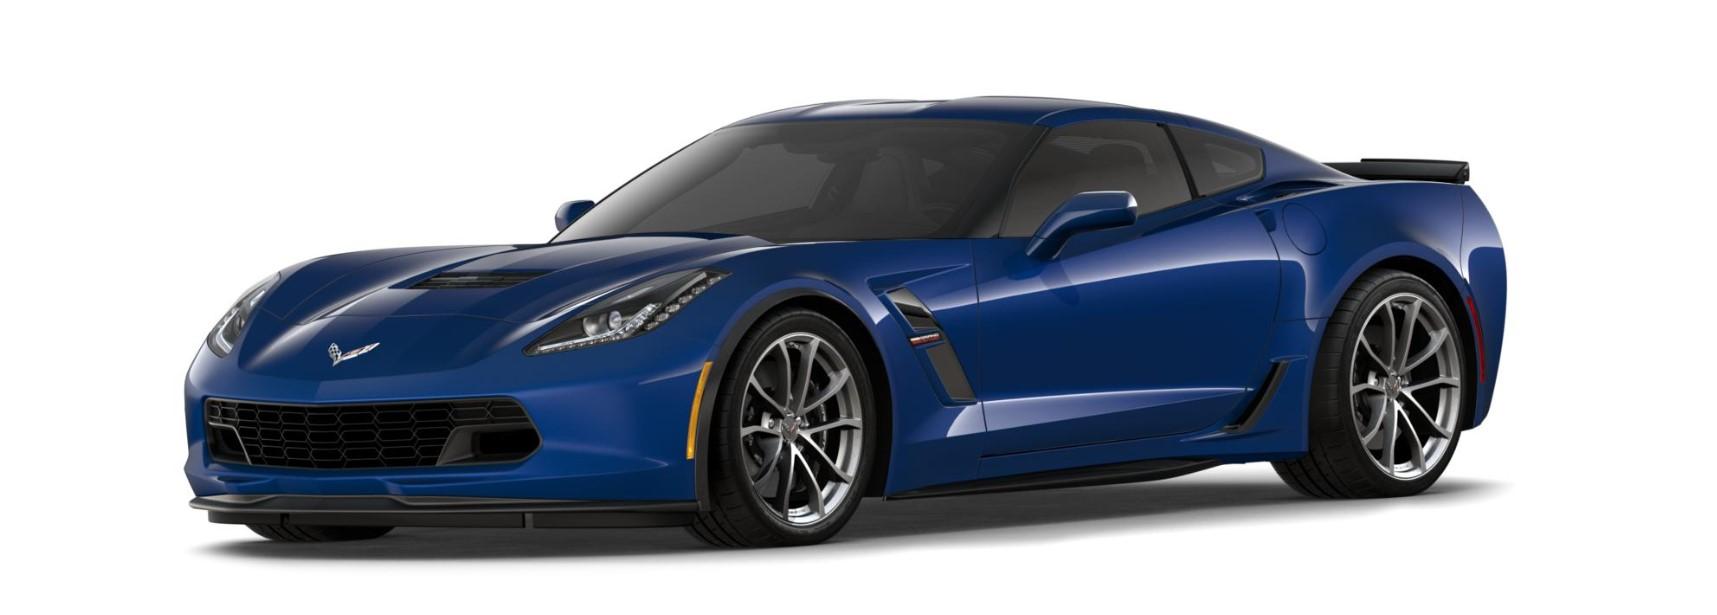 2018 Chevrolet Corvette Grand Sport | John Jones Auto Group